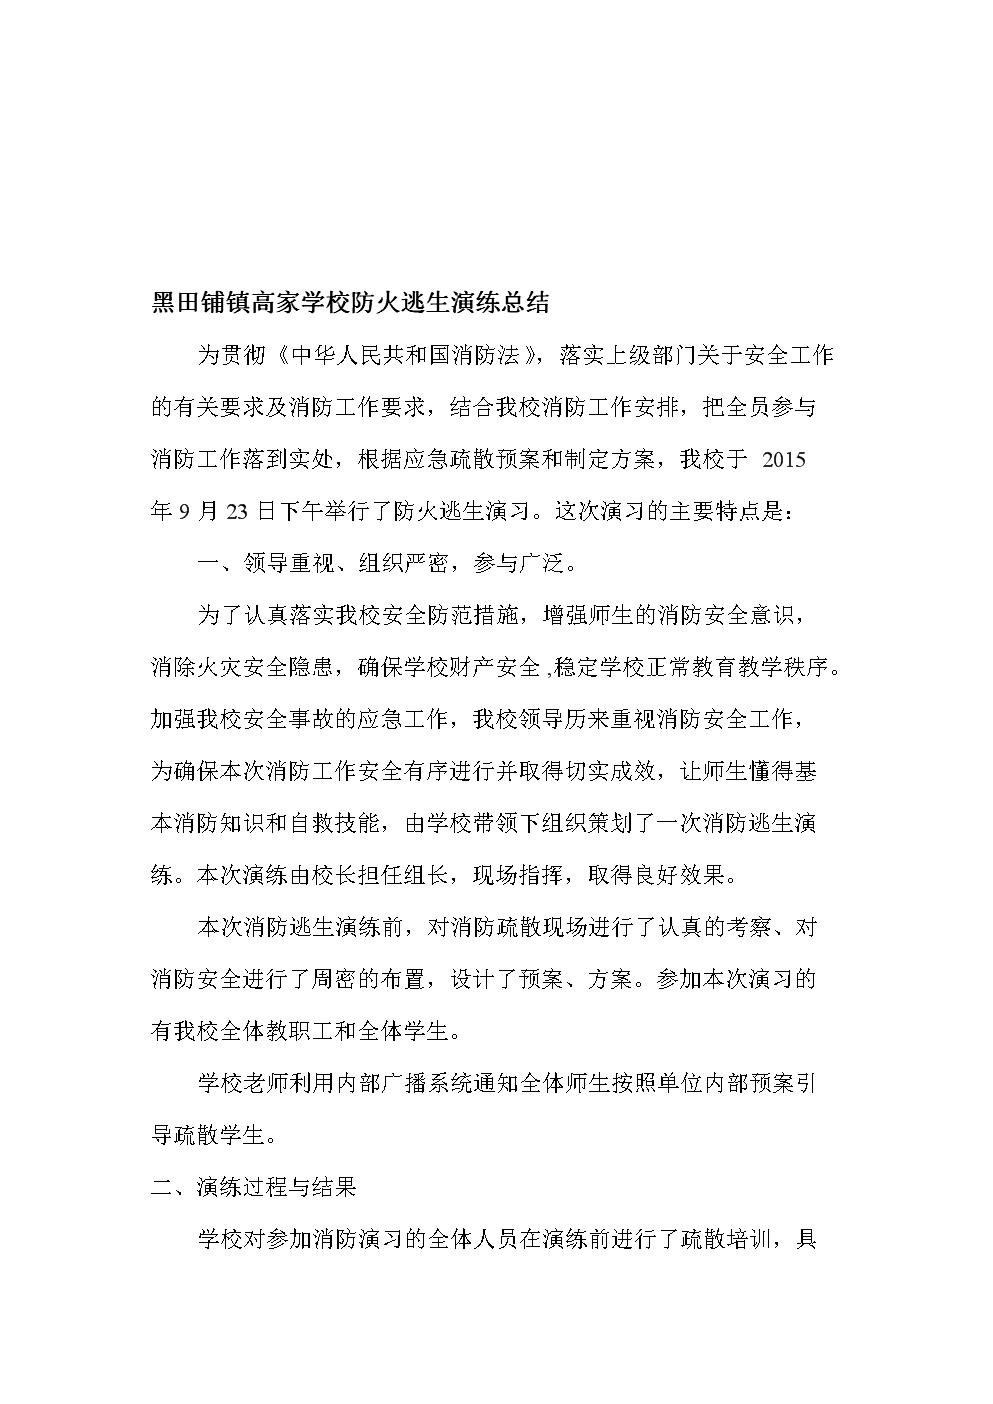 高家学校防火逃生演练总结.doc